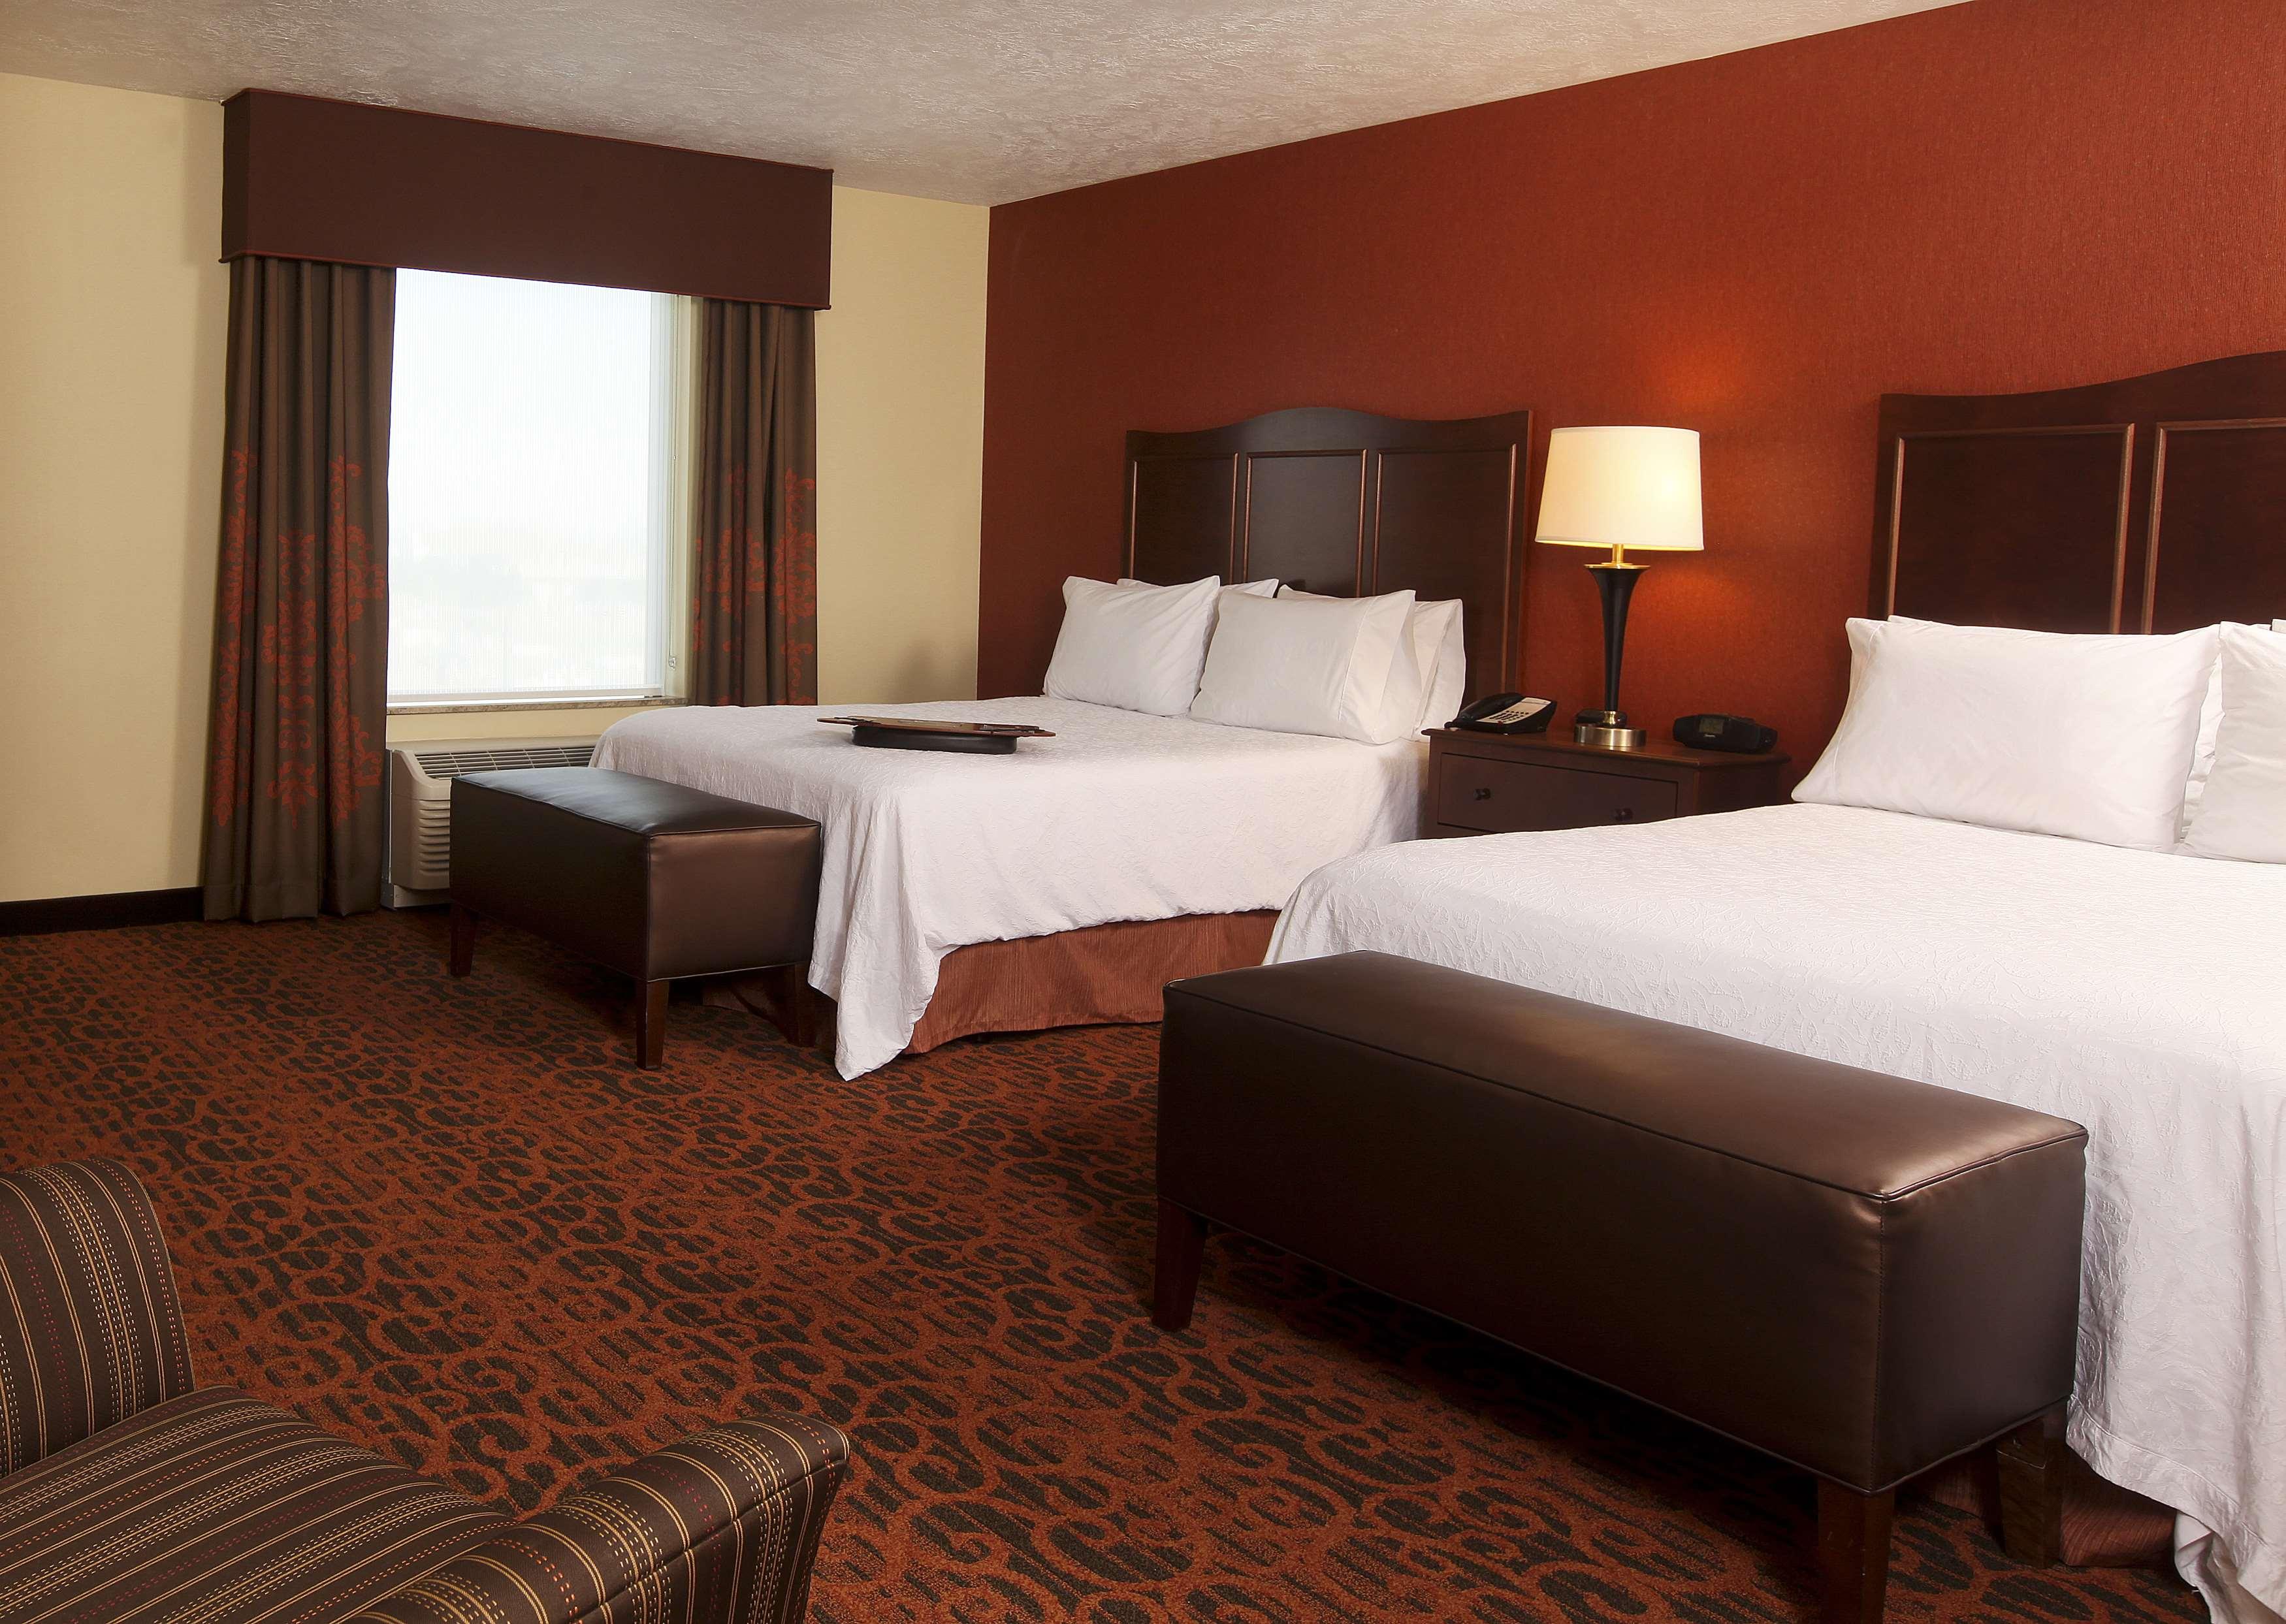 Hampton Inn & Suites Fargo image 13